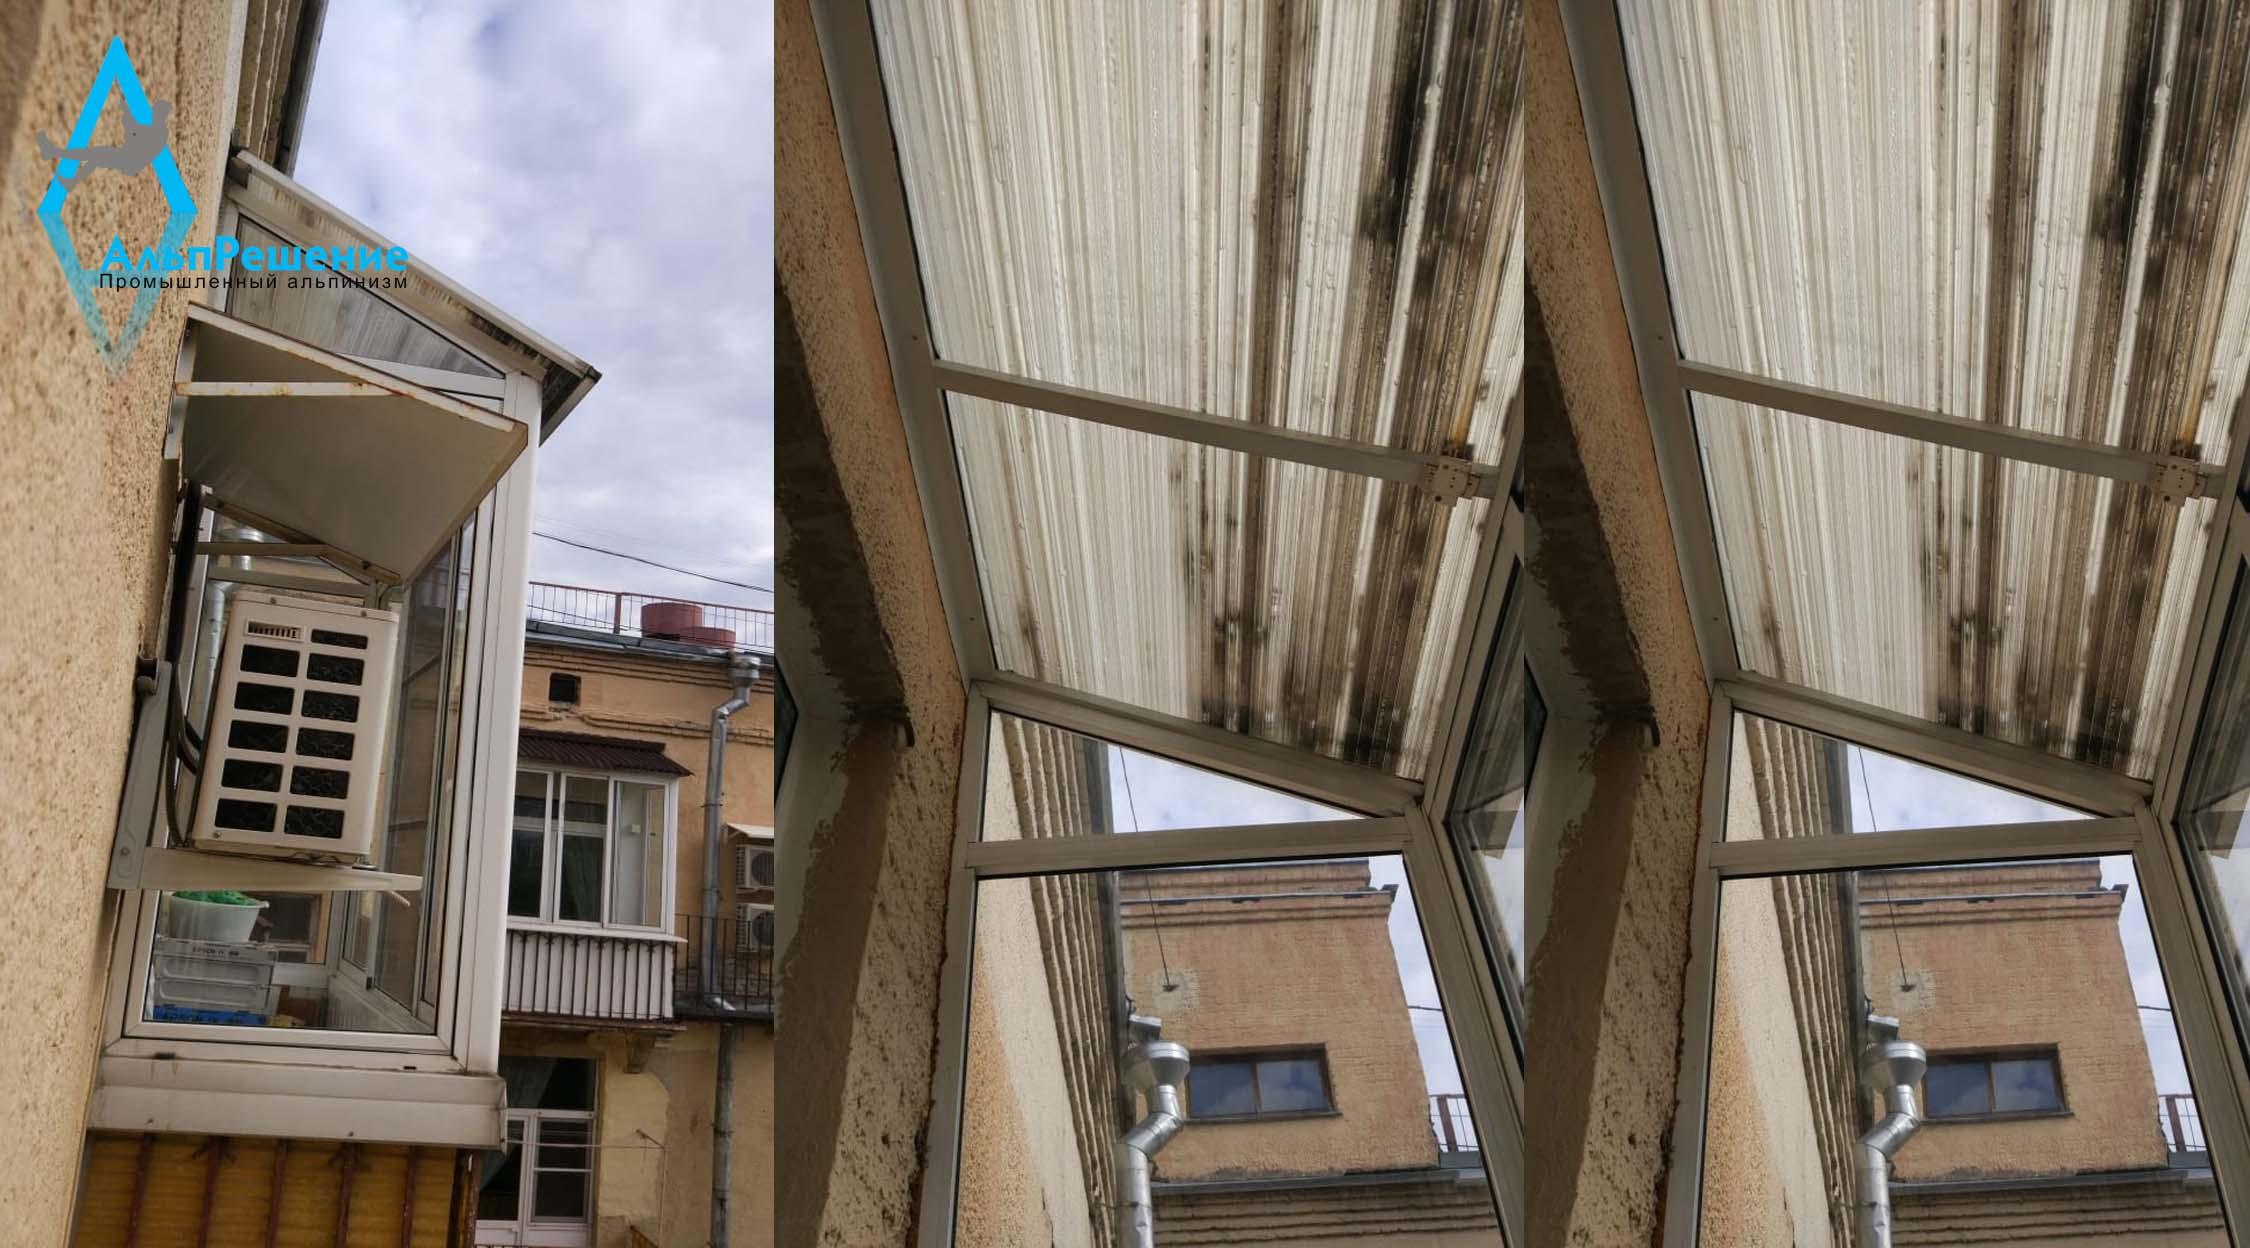 Пробили ломом крышу балкона